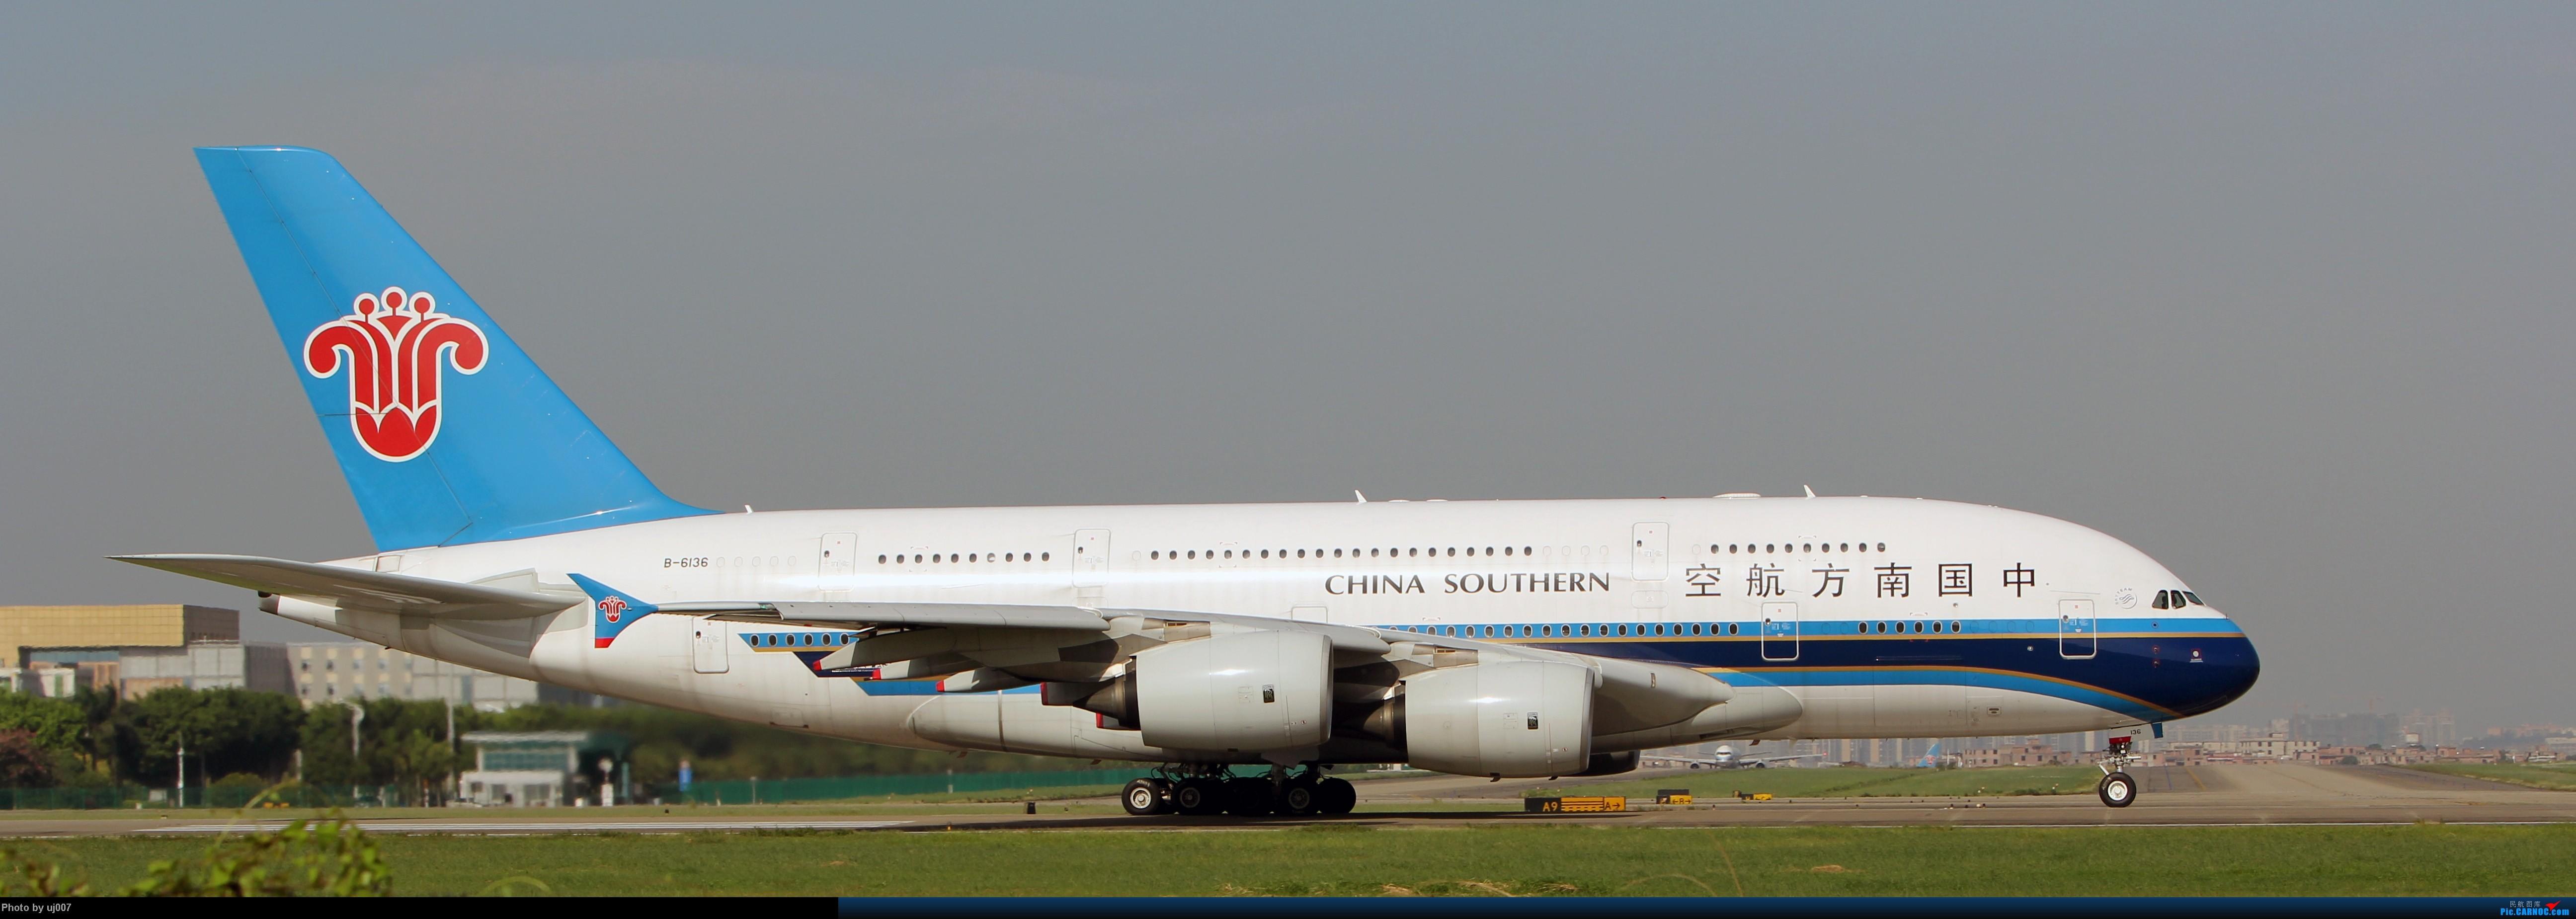 Re:[原创]10月2日白云拍机(大飞机,特别妆,外航,闪灯,擦烟)求指点. AIRBUS A380 B-6136 广州白云国际机场